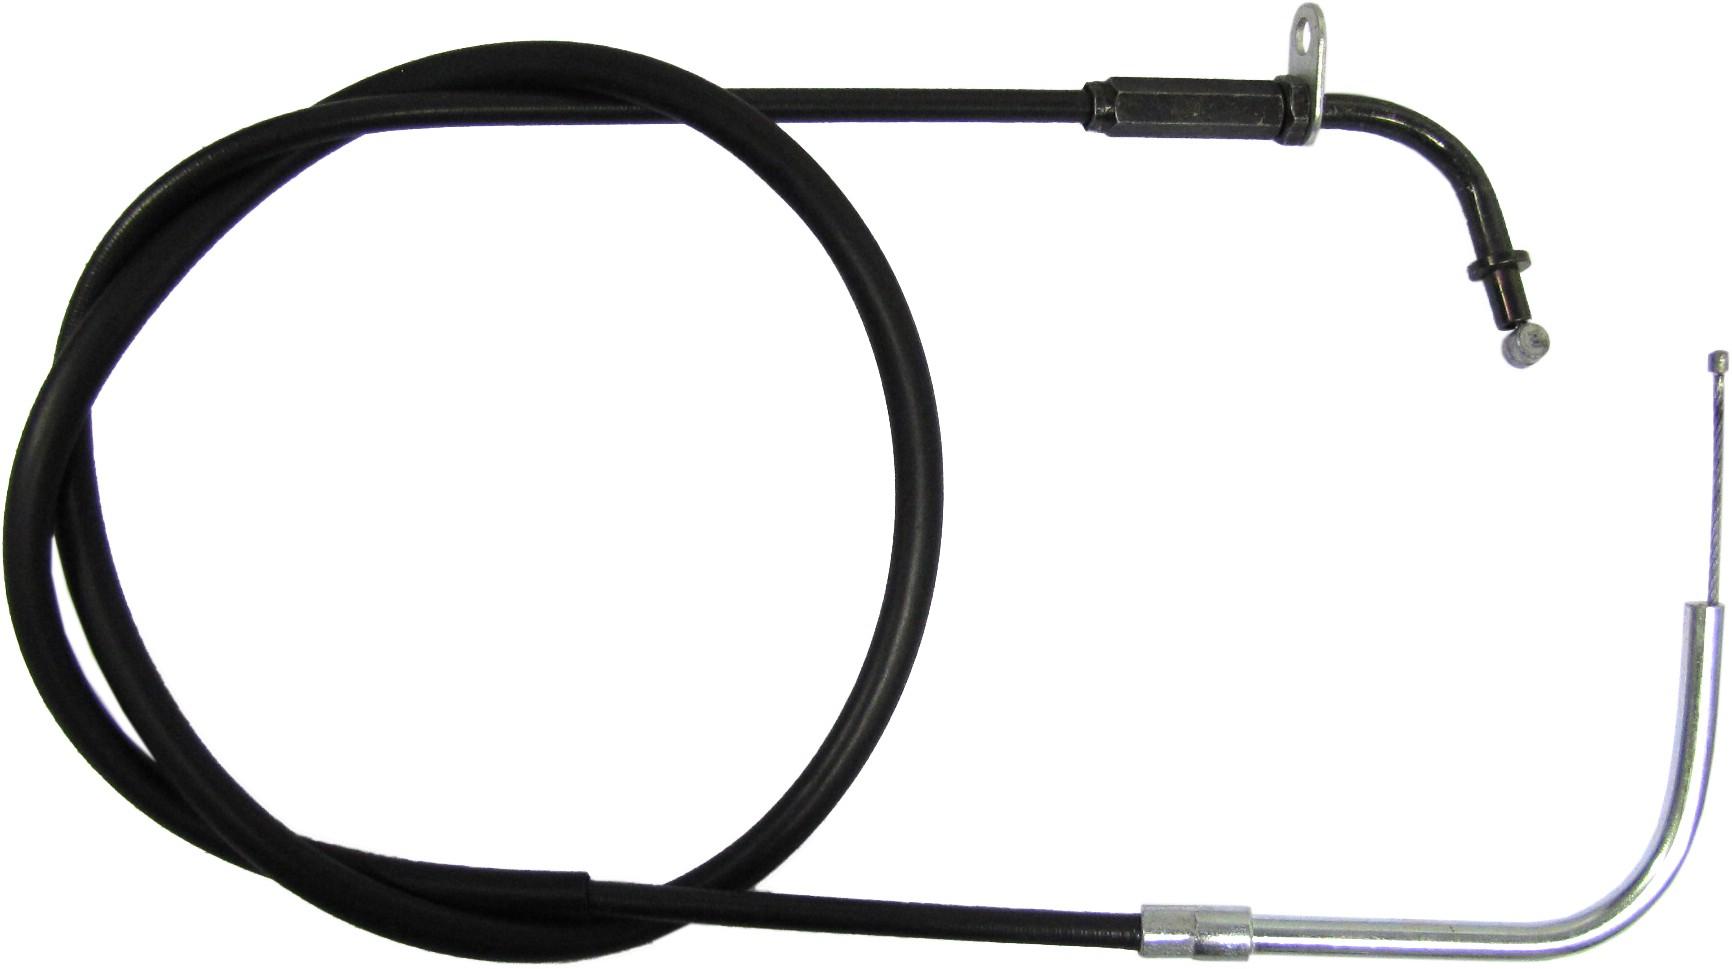 Suzuki VL 125 Intruder 2000-2007 Clutch Cable Each UK